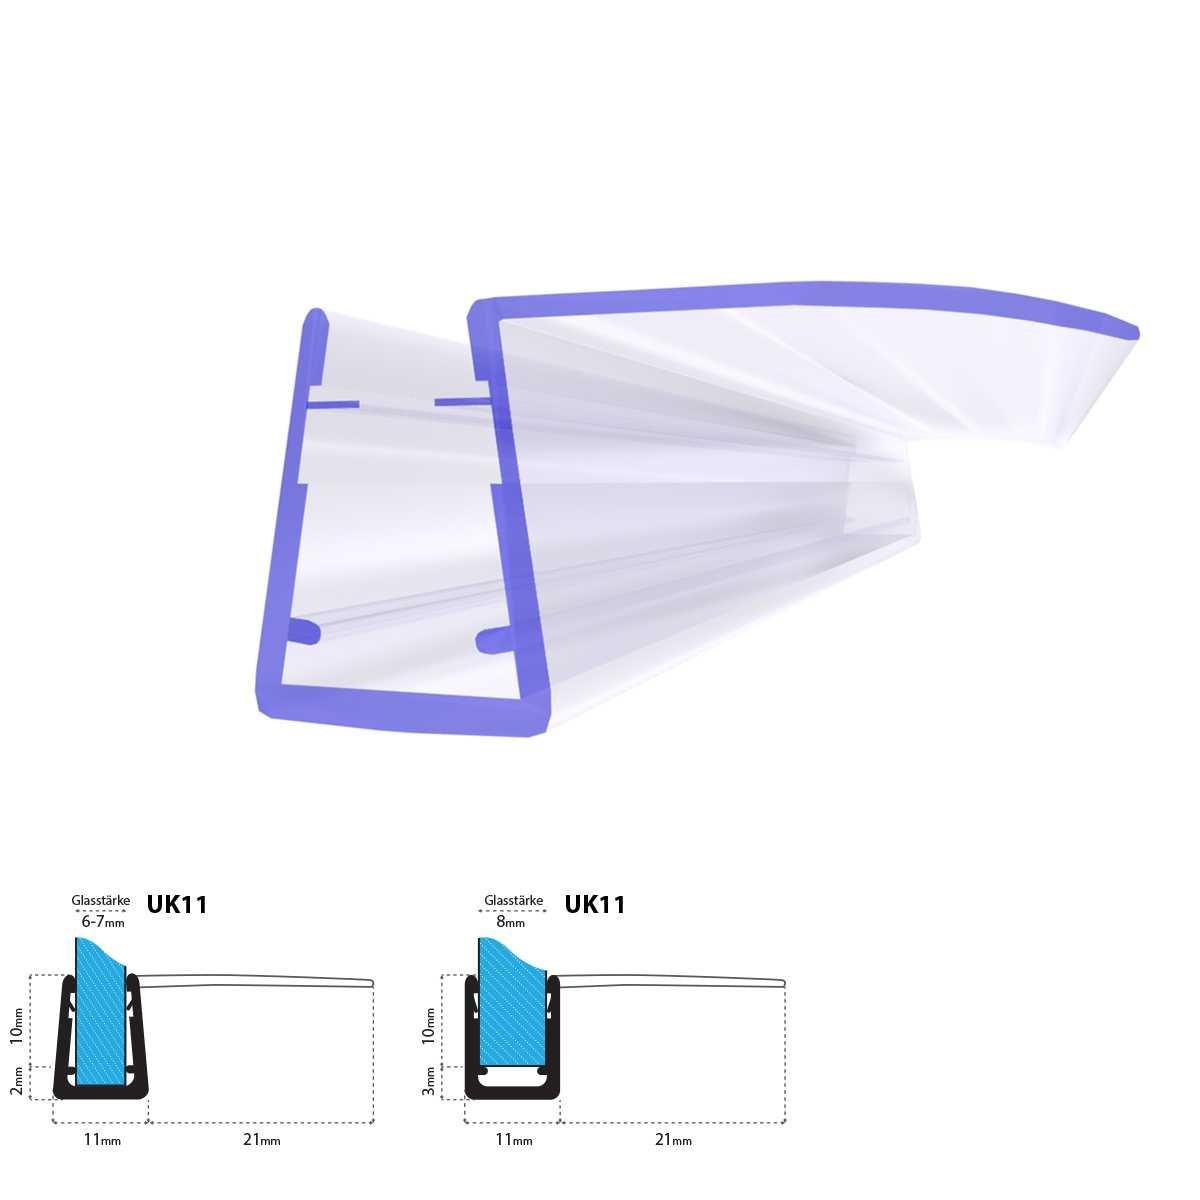 160cm UK11 - Junta de recambio para ducha deflector de 5mm/ 6mm/ 7mm/ 8mm vidrio grueso agua sello ducha de protecció n de sobretensió n recta STEIGNER